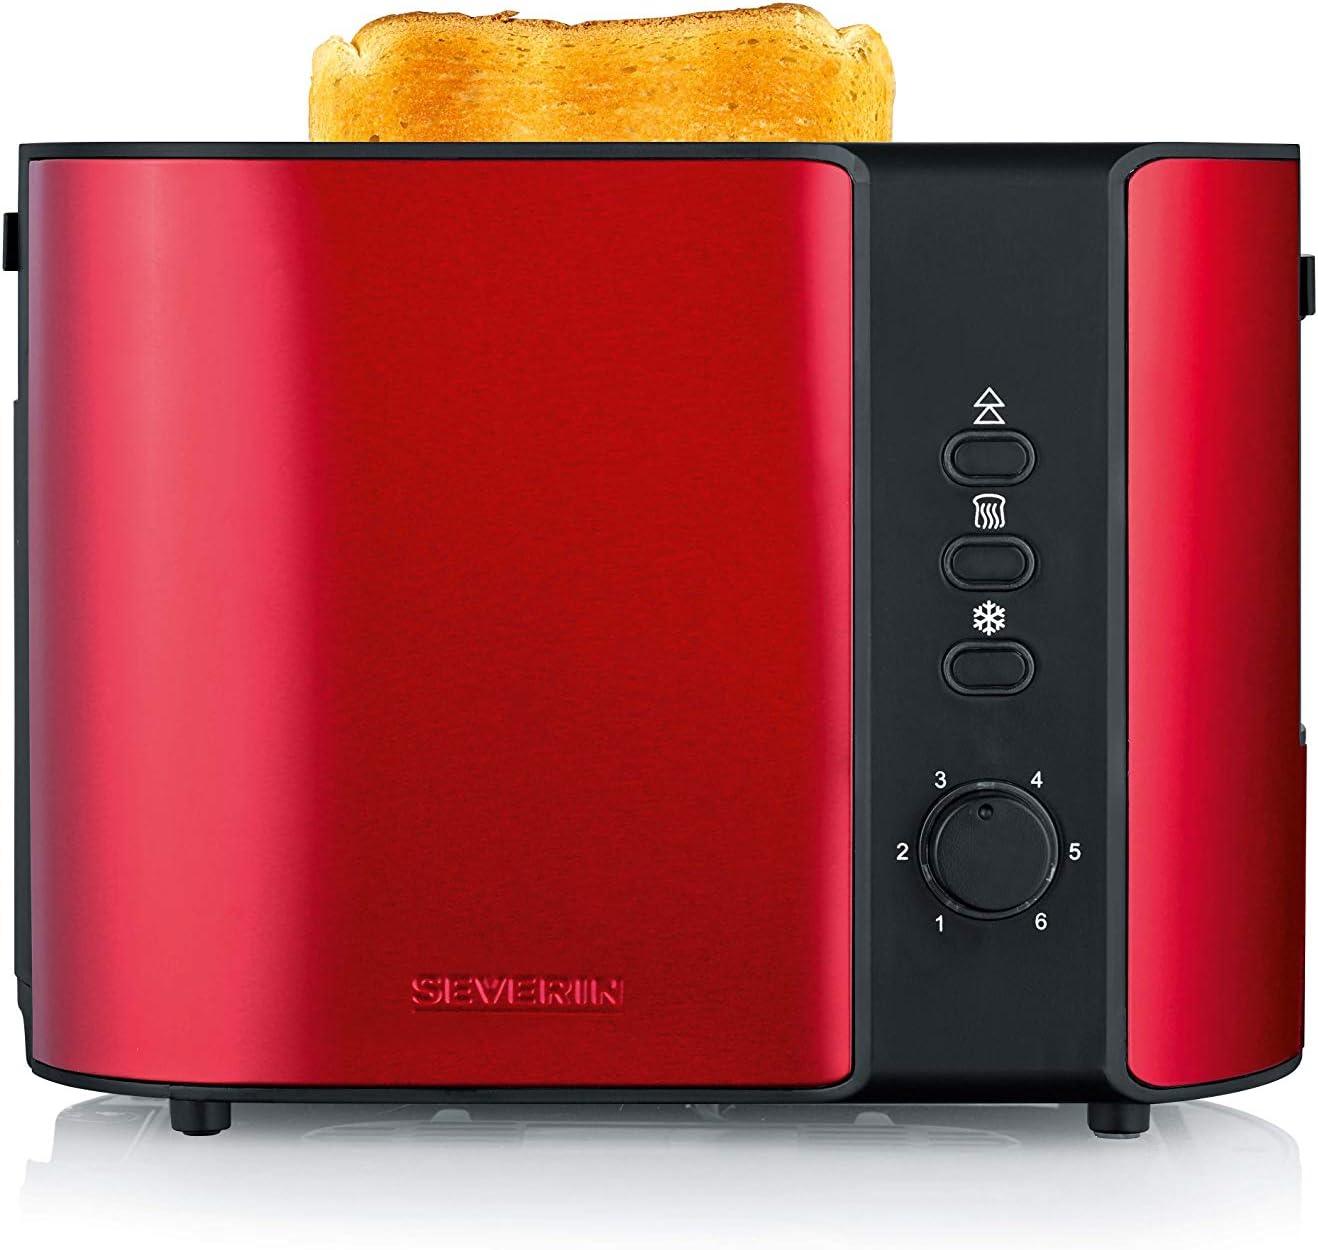 Severin AT 2217 Tostadora para 2 rebanadas de Pan, Incluye Soporte para tostar panecillos, 800 W Aprox, Rojo Metalizado/Negro, Acier INOX